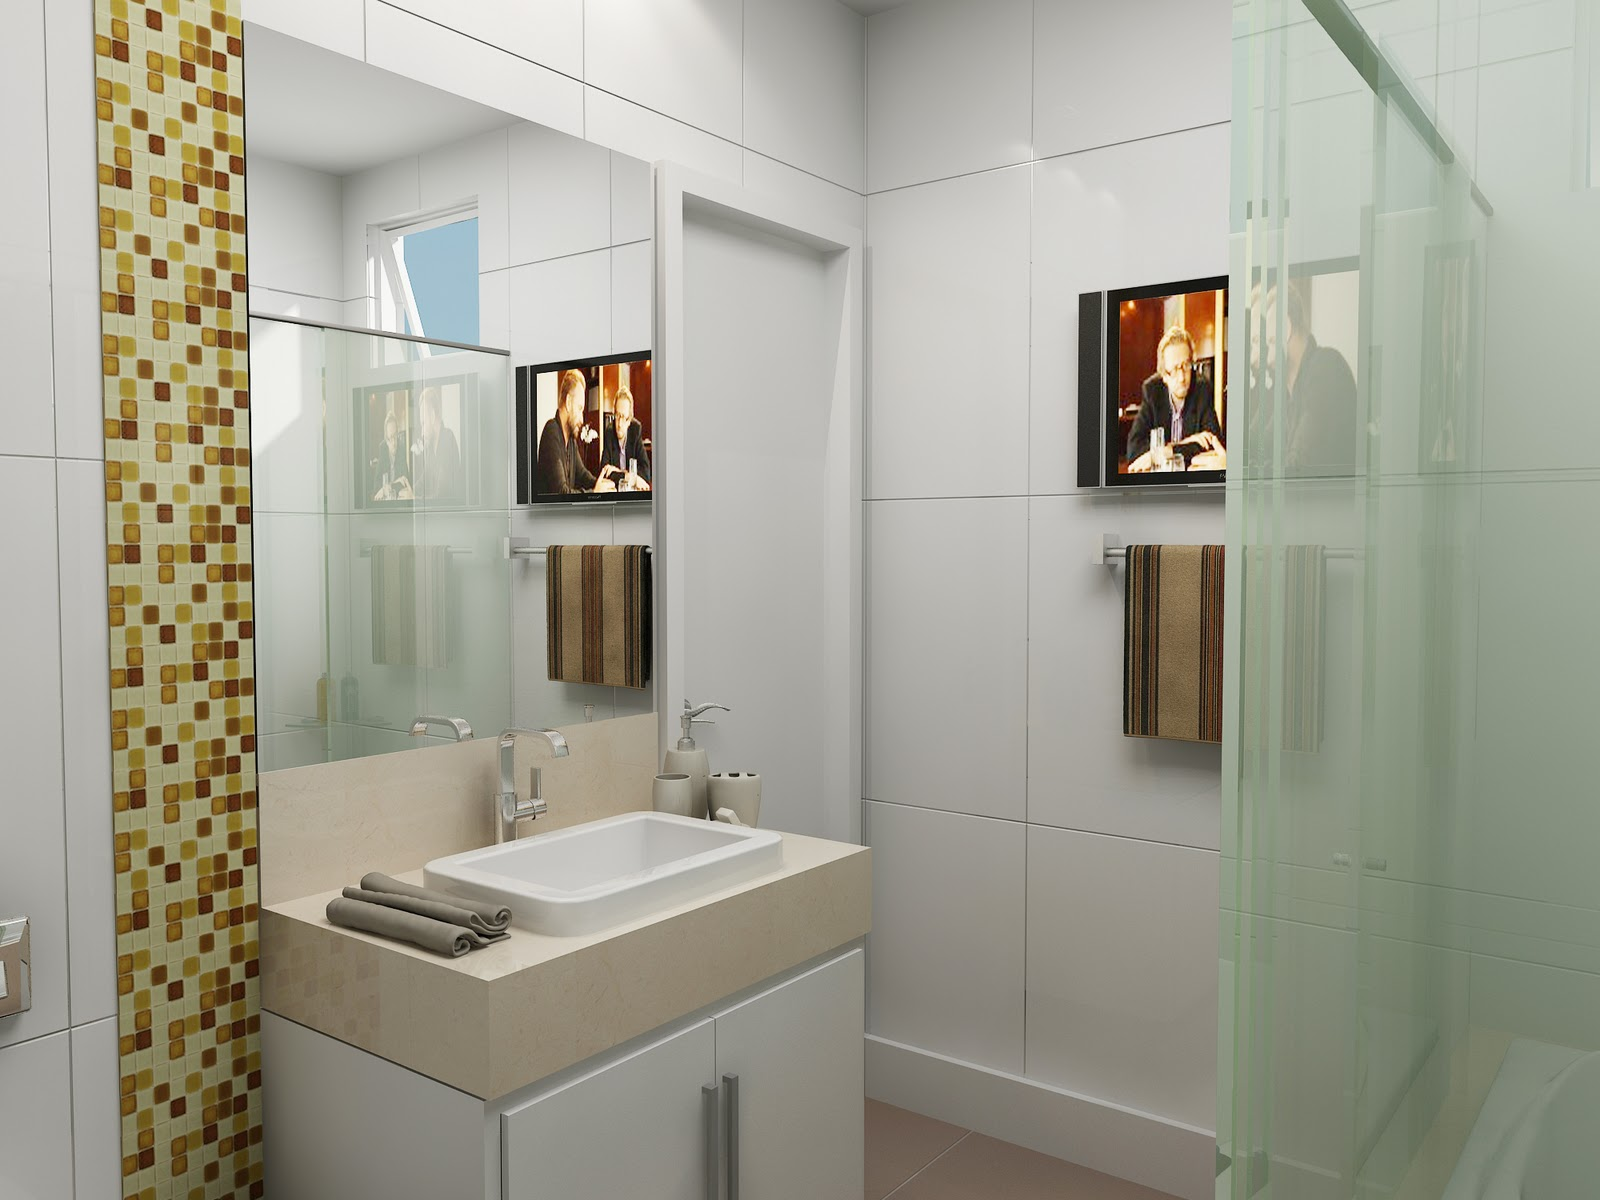 decoracao banheiro quadrado: banheiro mas colocando dois nichos  #9C7A30 1600 1200